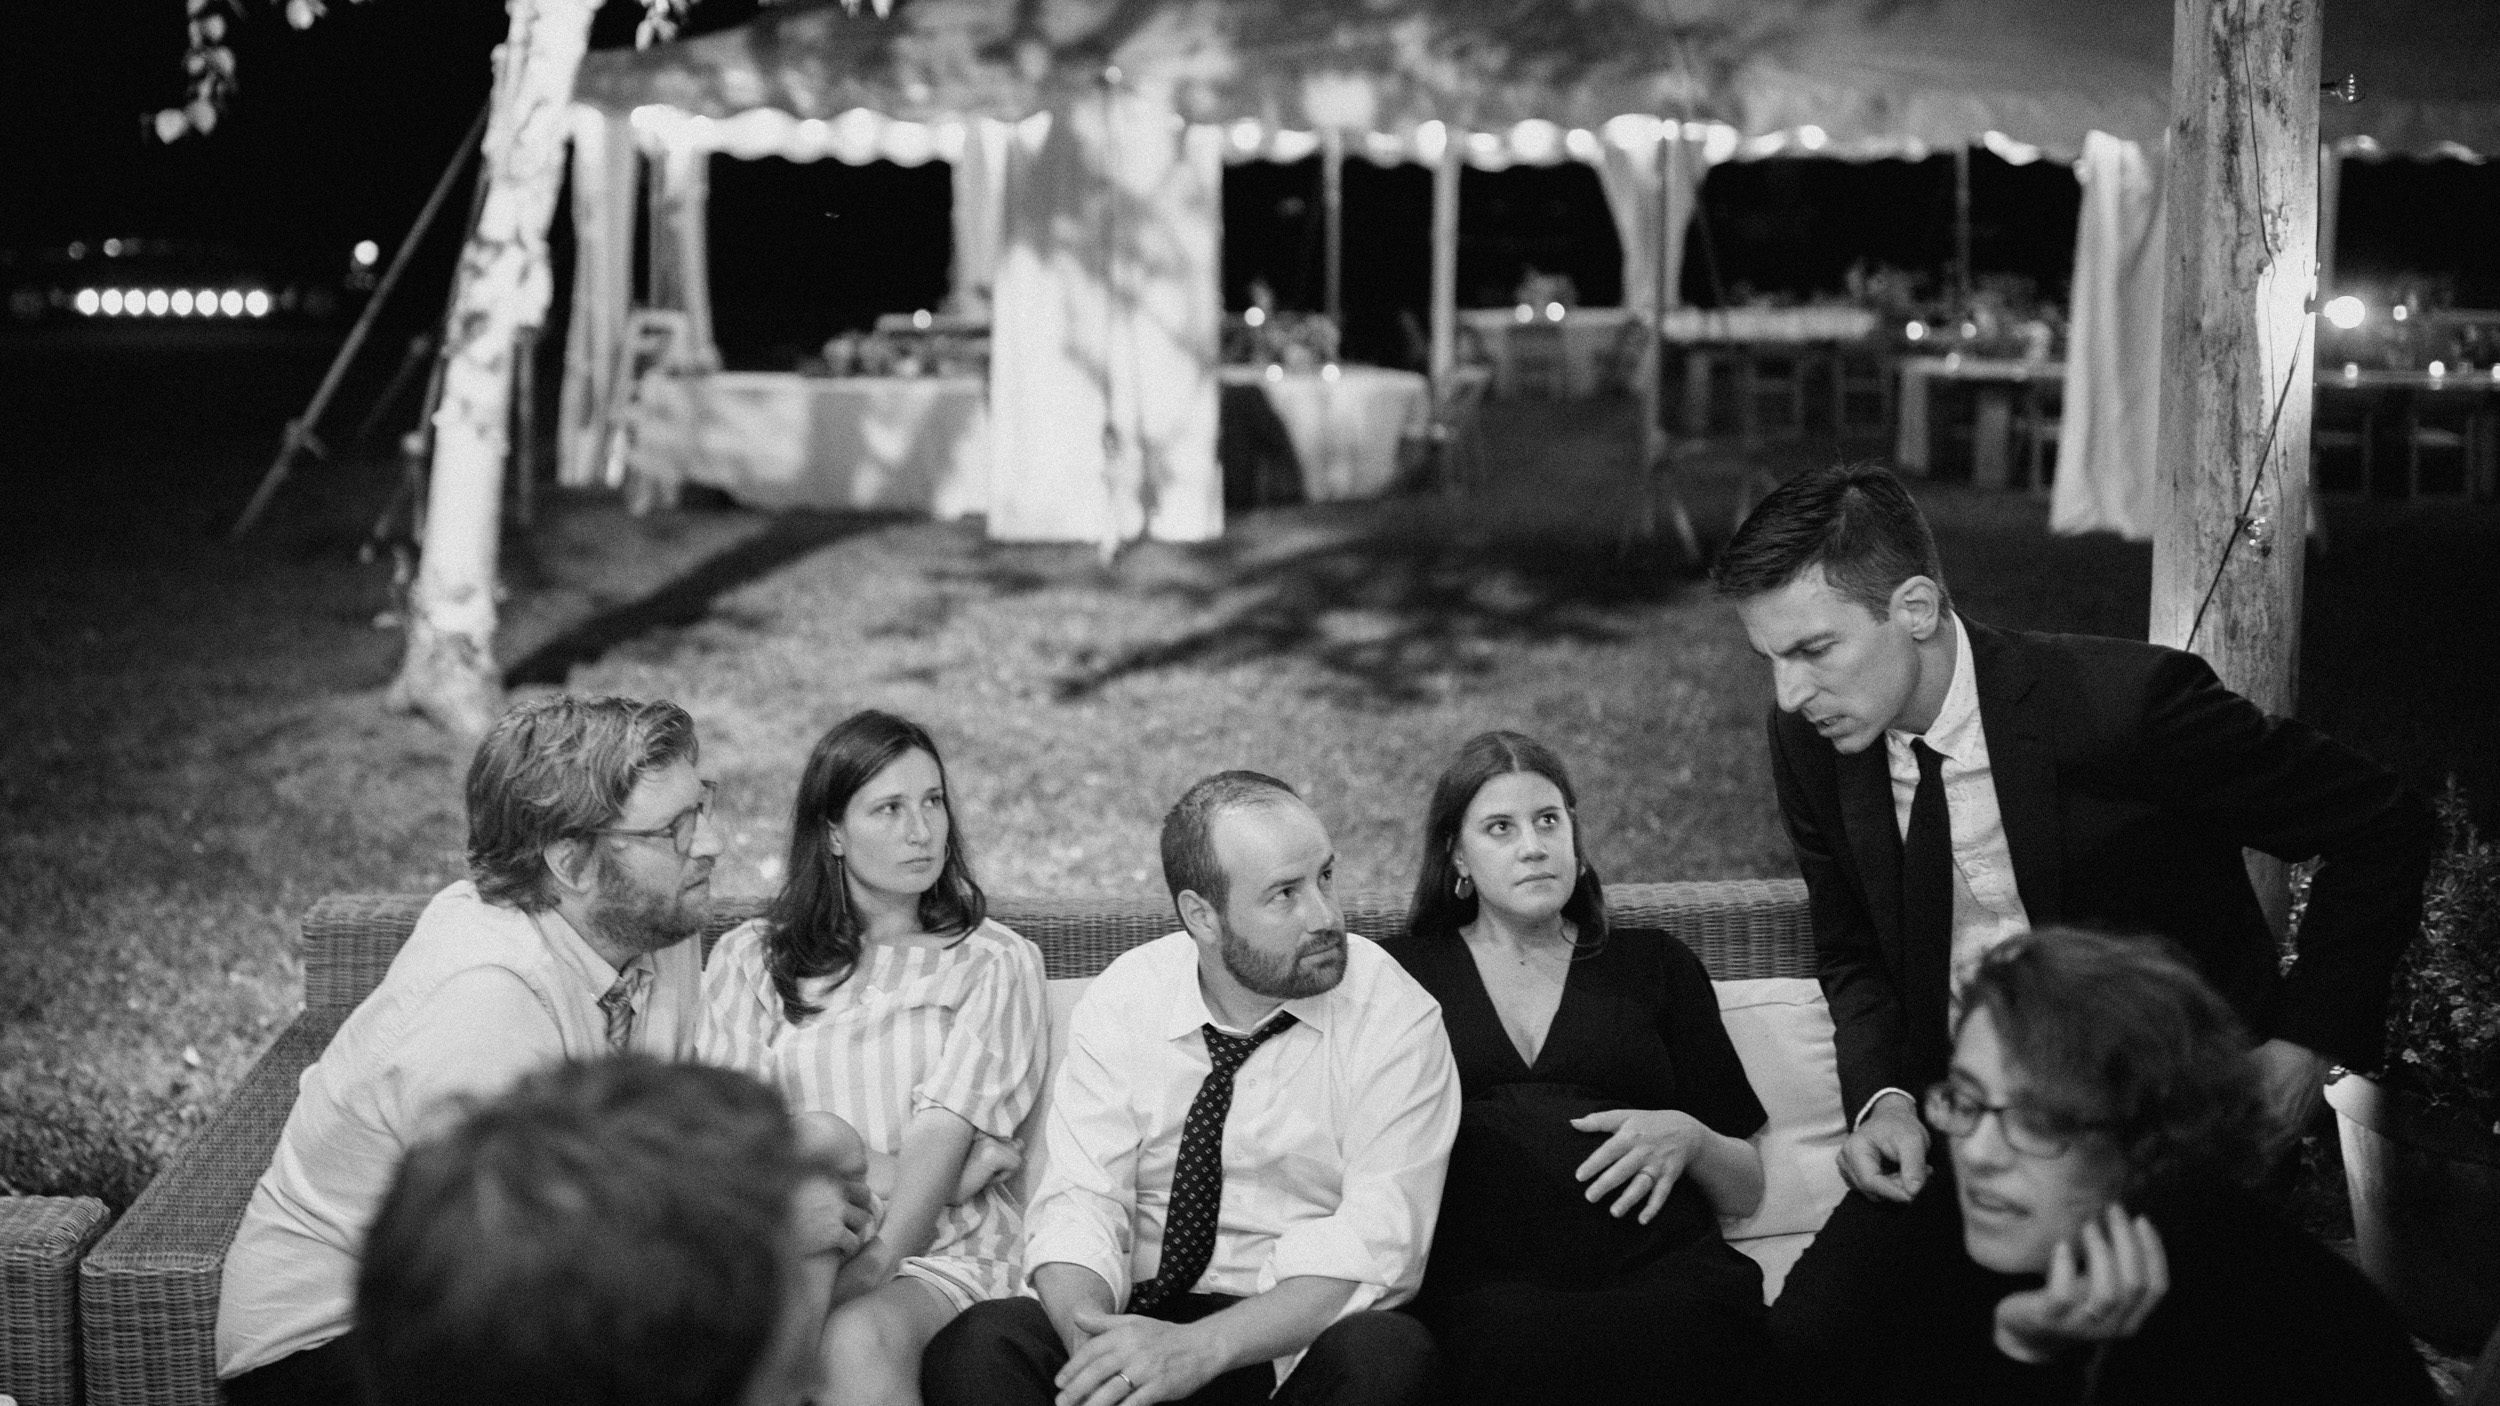 alec_vanderboom_vermont_wedding_photography-0127.jpg